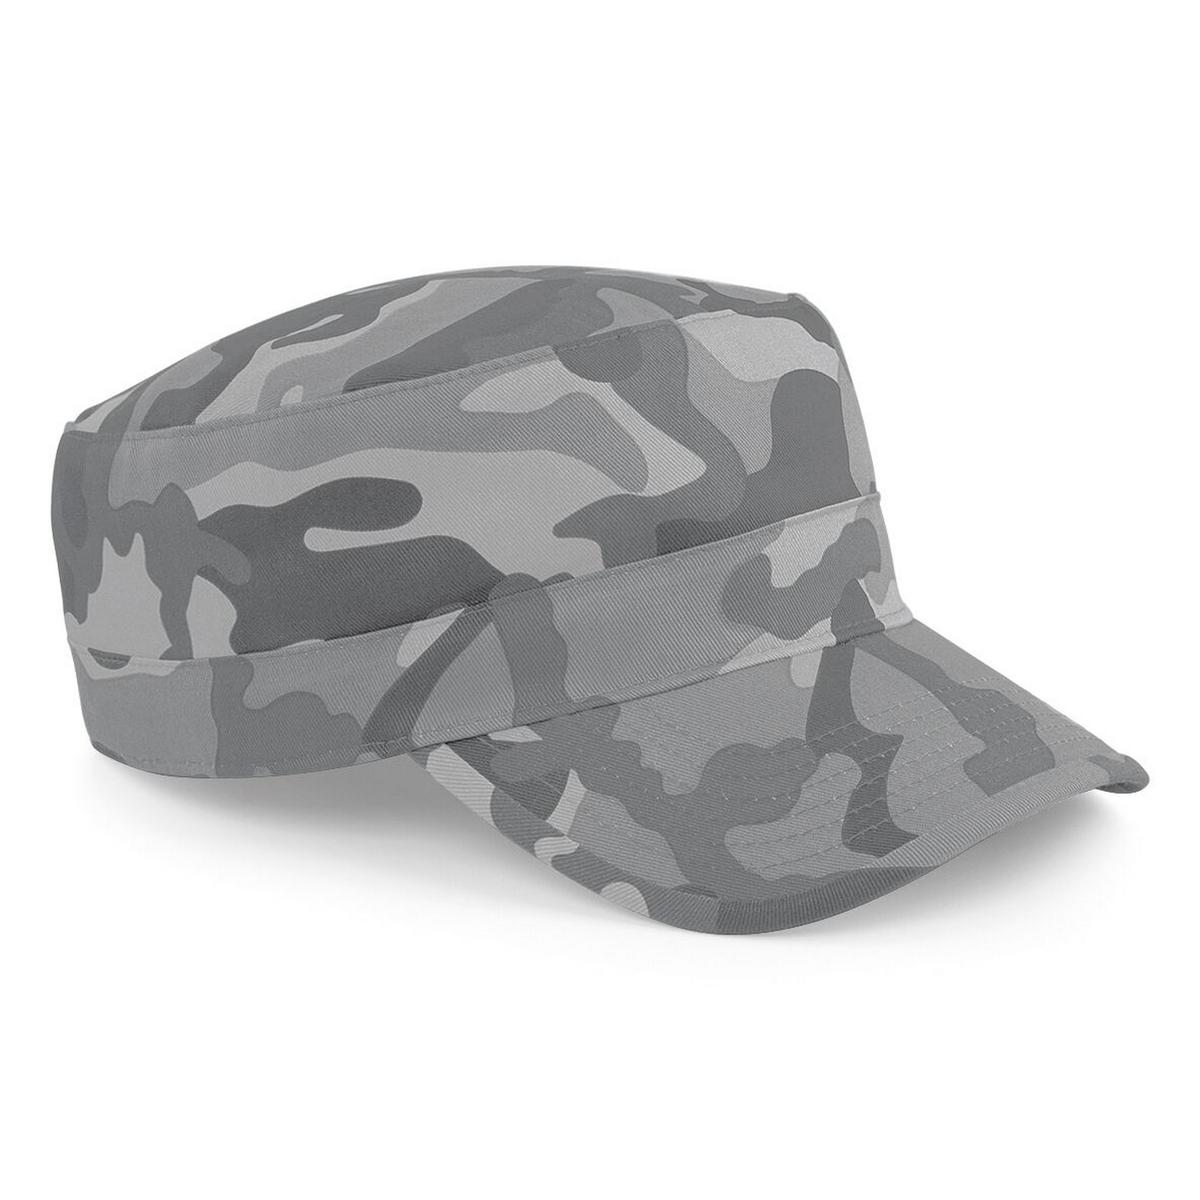 ミリタリー ファッション カジュアル ハット 帽子 ビーチフィールド Beechfield カデットキャップ 2020 新作 アーミーキャップ ユニセックス 迷彩柄 激安特価品 ミリタリーキャップ 海外直送